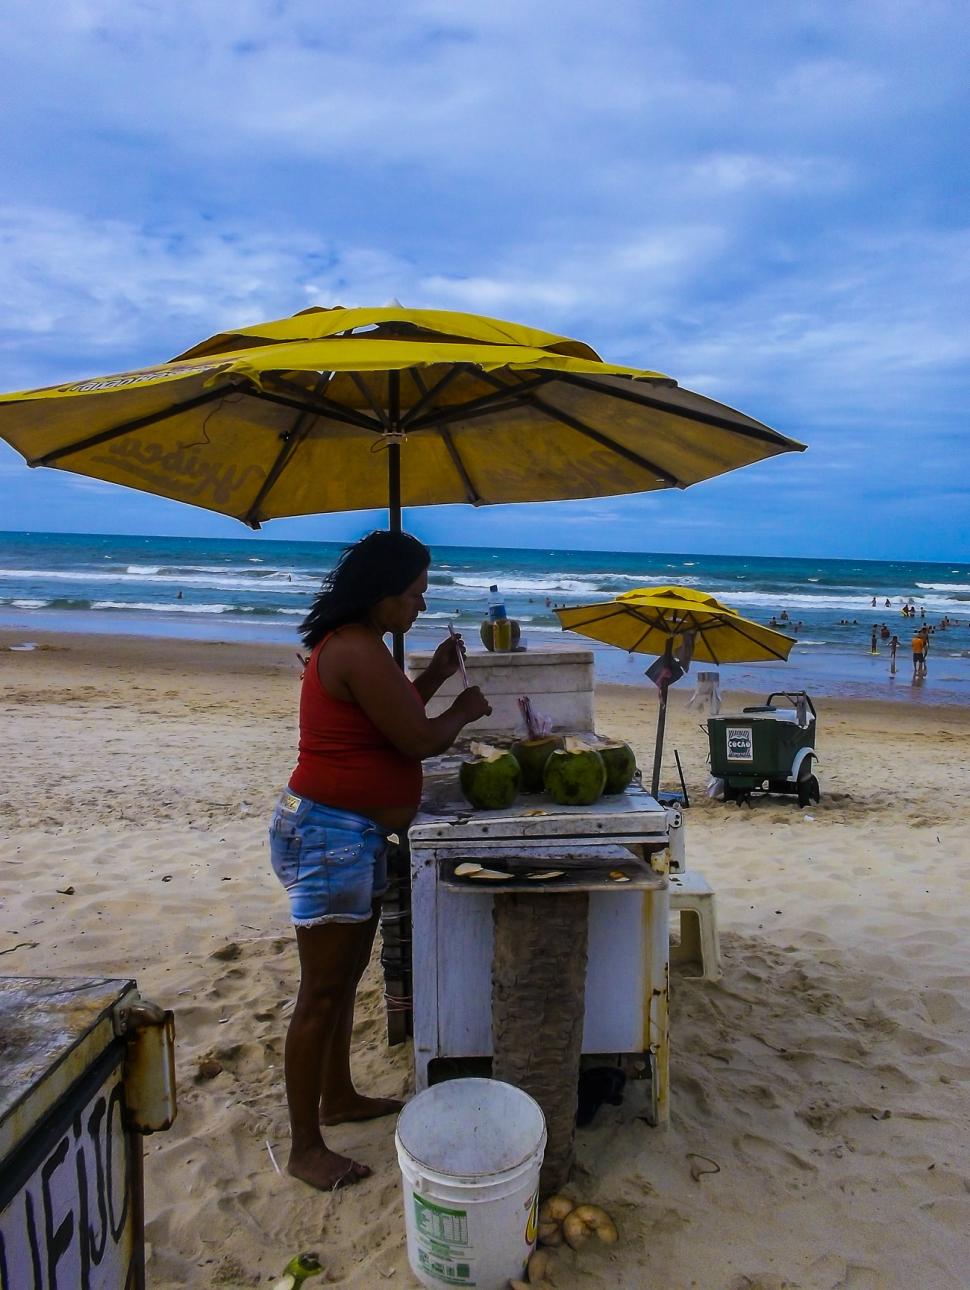 Fortaleza-Brazil-by-Polina-Paraskevopoulou-la-vie-en-blog-26